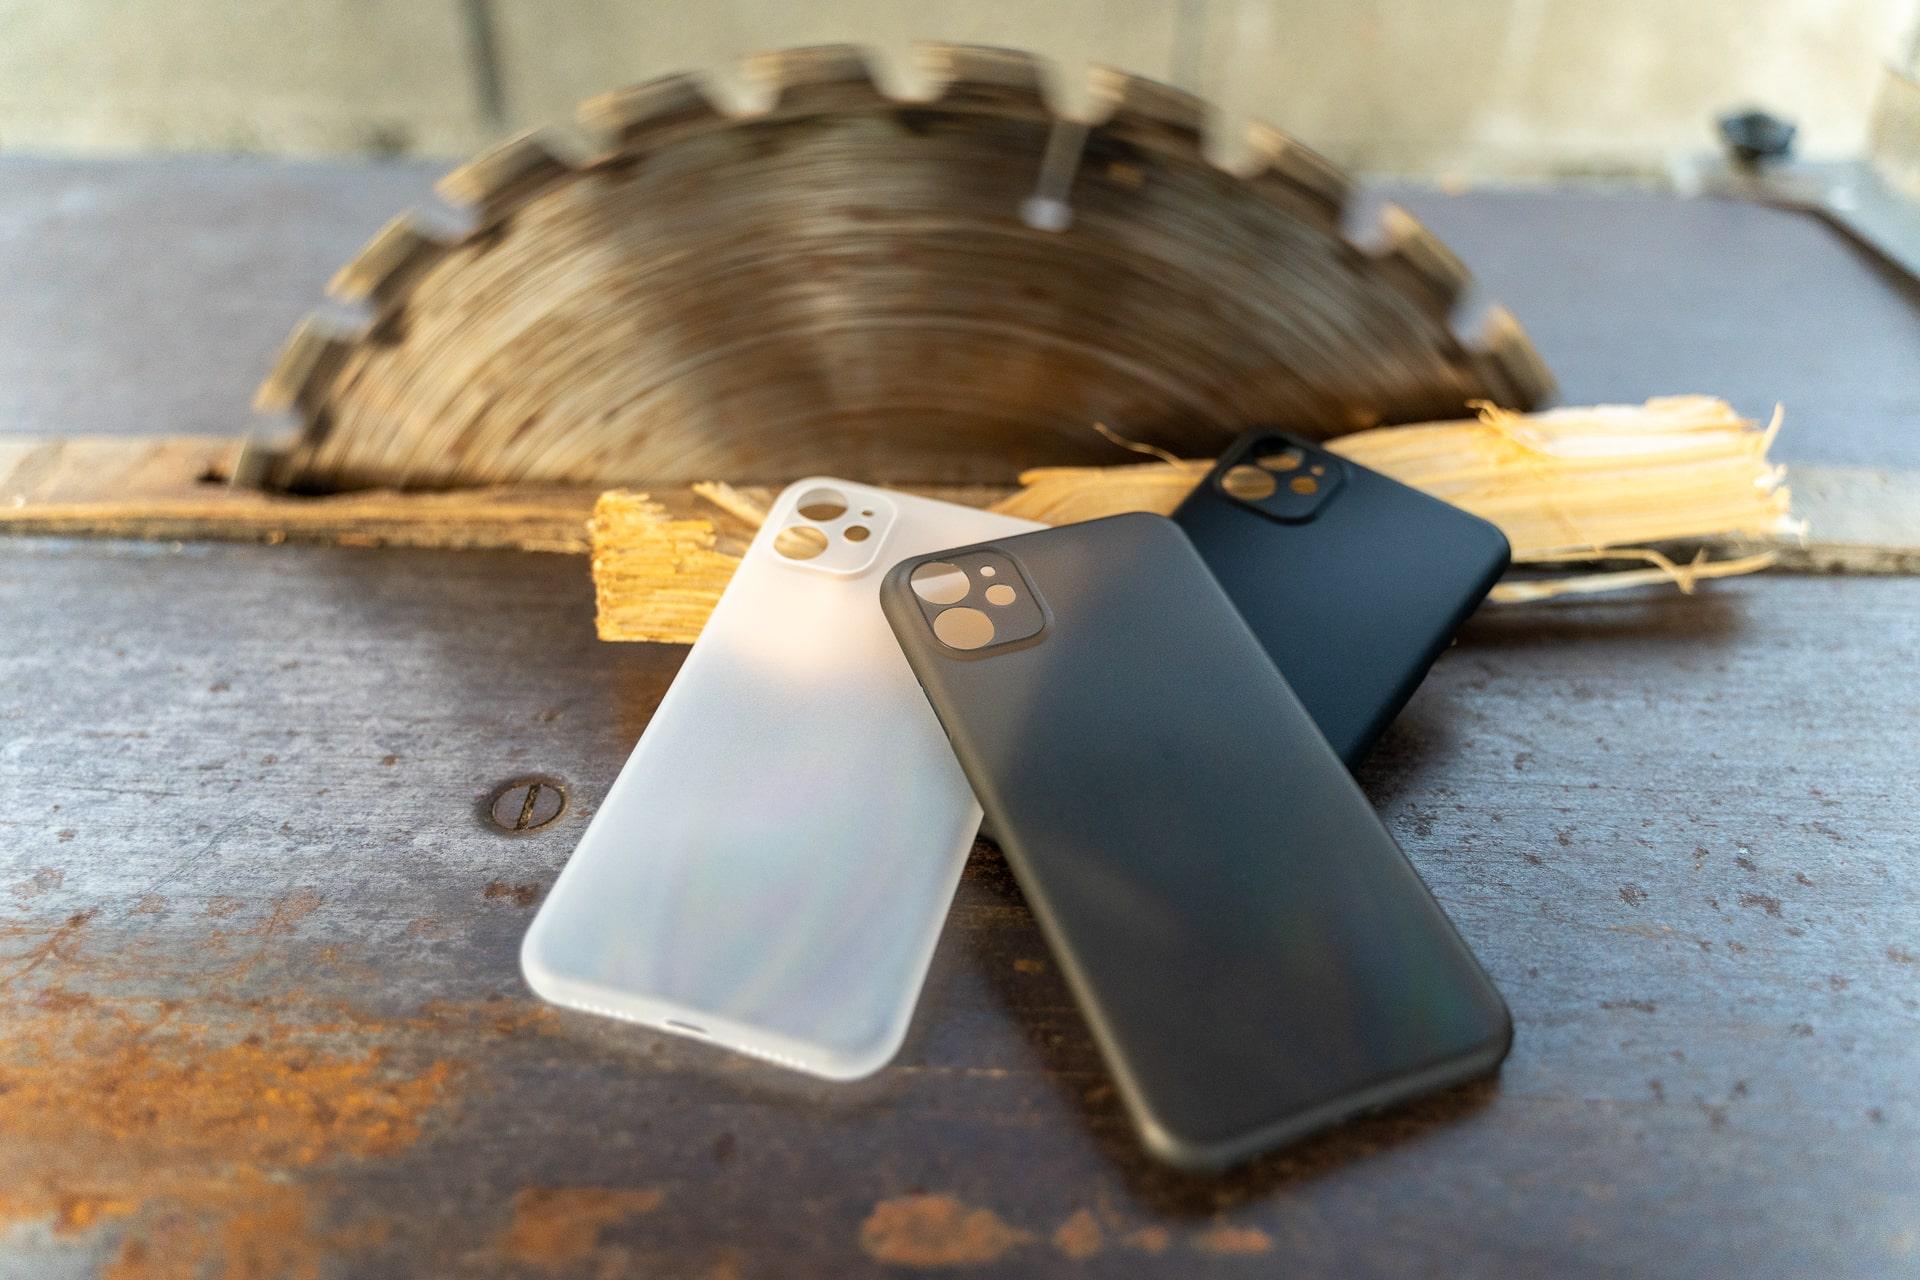 Drei Farben zur Auswahl bei der CellBee Hülle für das iPhone 11 Pro, iPhone Hülle, Metalltisch, Kreissäge im Hintergrund, Holzverarbeitung, Hack4Life, Fabian Geissler, Review, Test